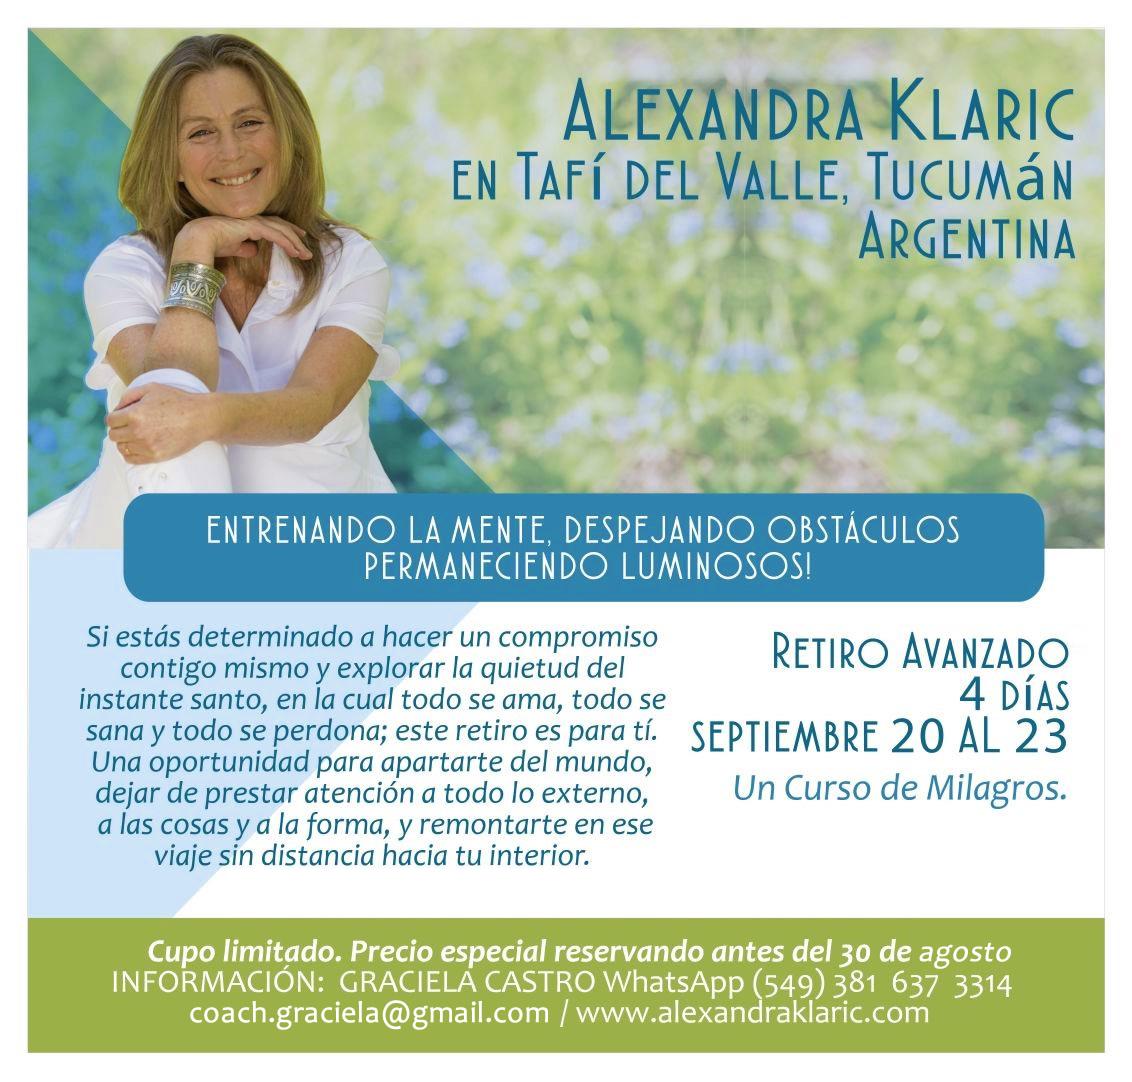 Retiro de Un Curso de Milagros - Alexandra Klaric en Tafí del Valle, Tucumán, Argentina